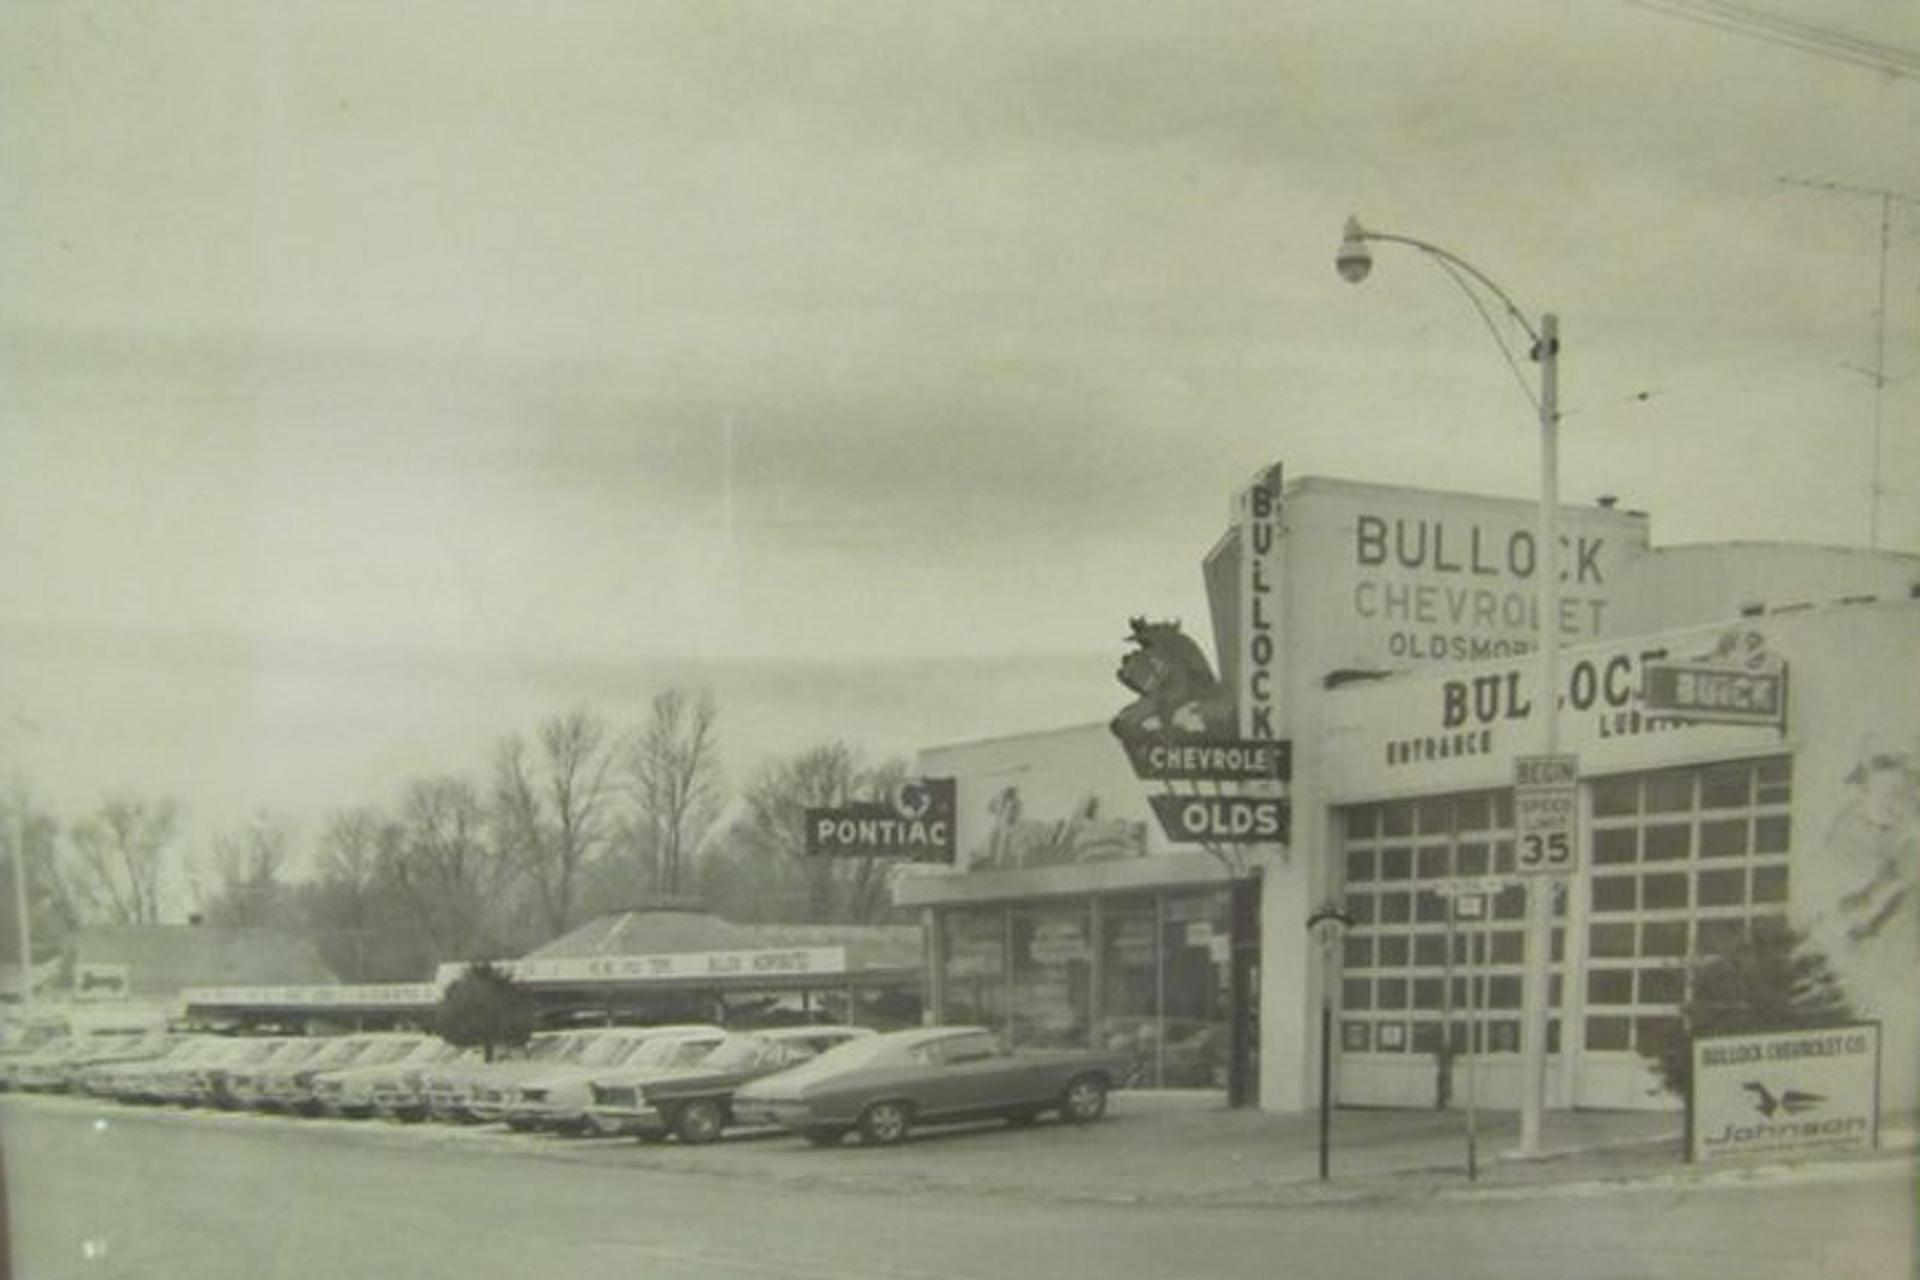 Barn Find Vintage Cars From Old Chevy Dealer Up For Auction - Nebraska chevrolet dealers